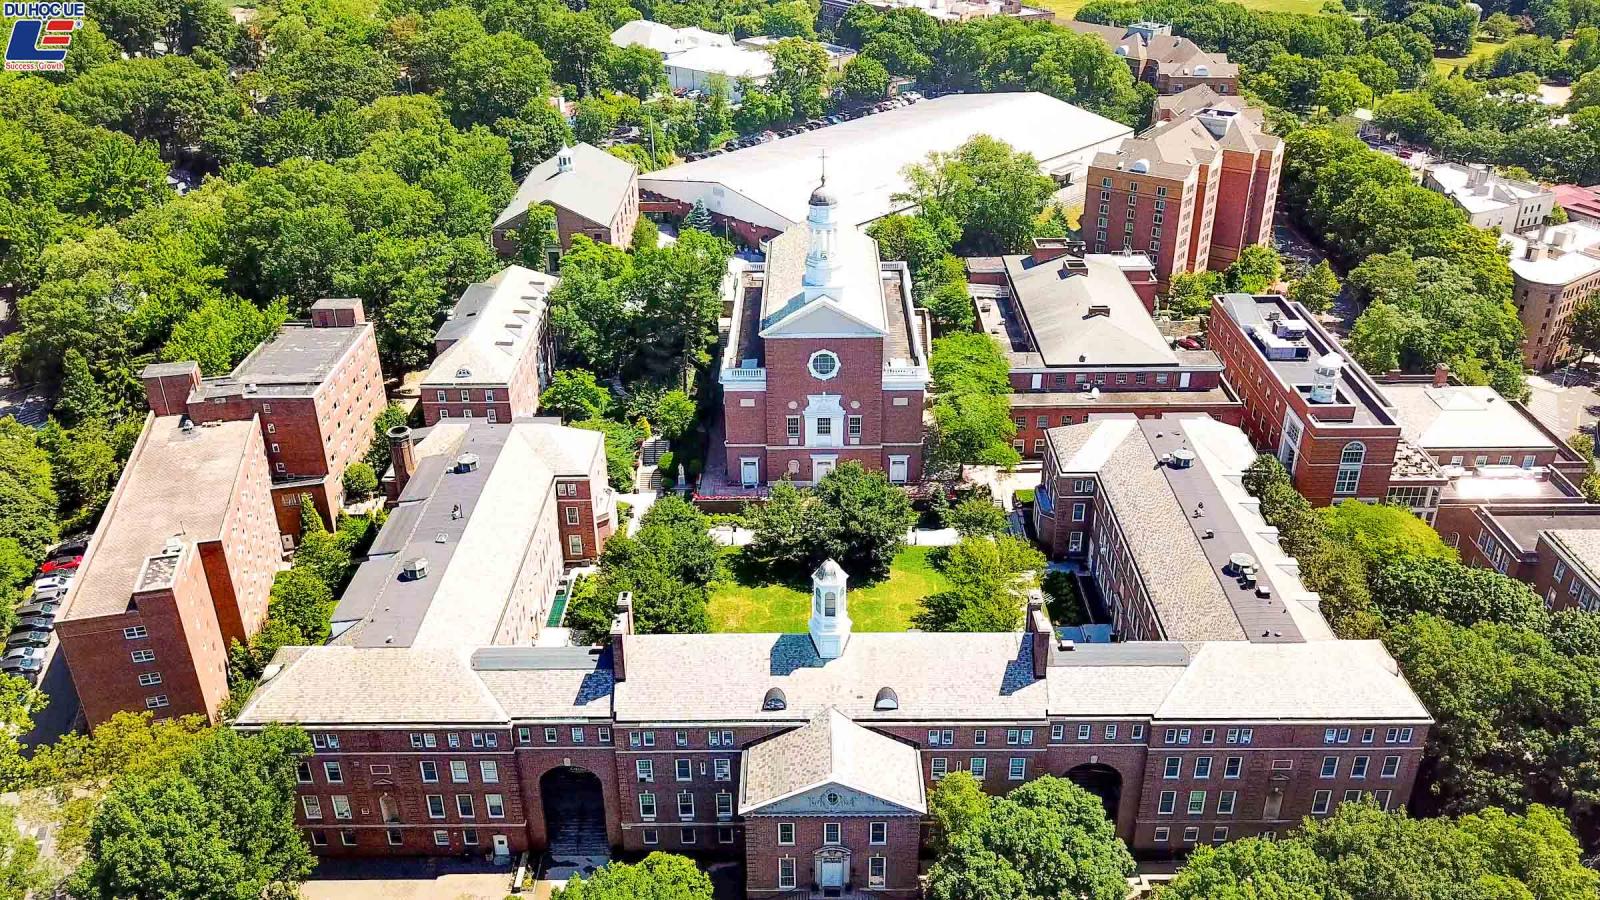 Manhattan College - Nơi những tập đoàn khổng lồ chiêu mộ nhân viên 2